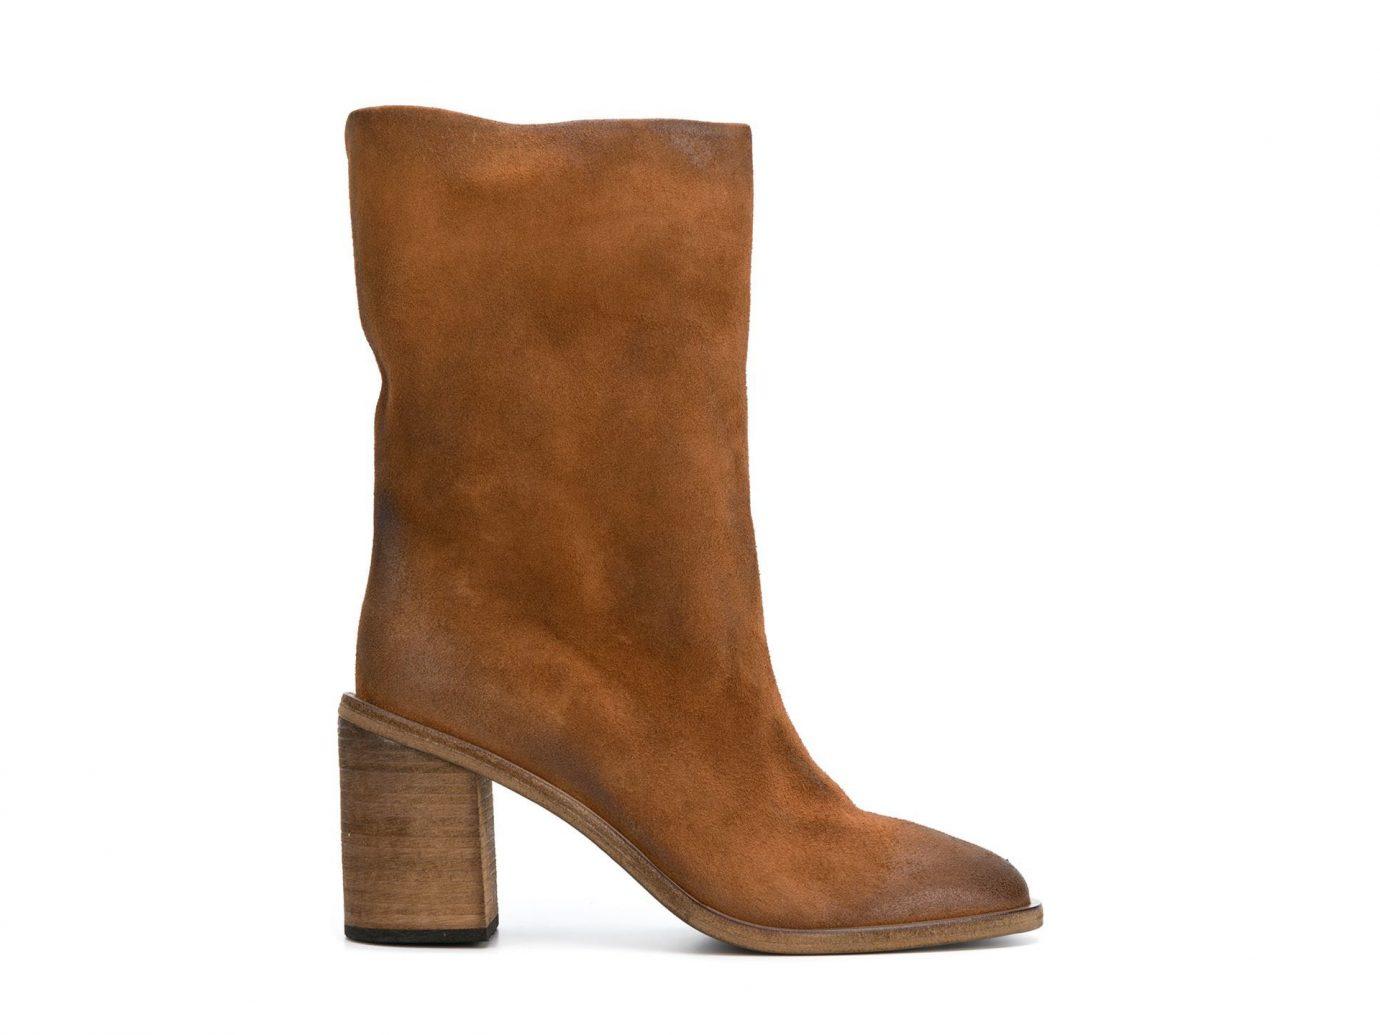 Marsèll Mid-Calf Boots